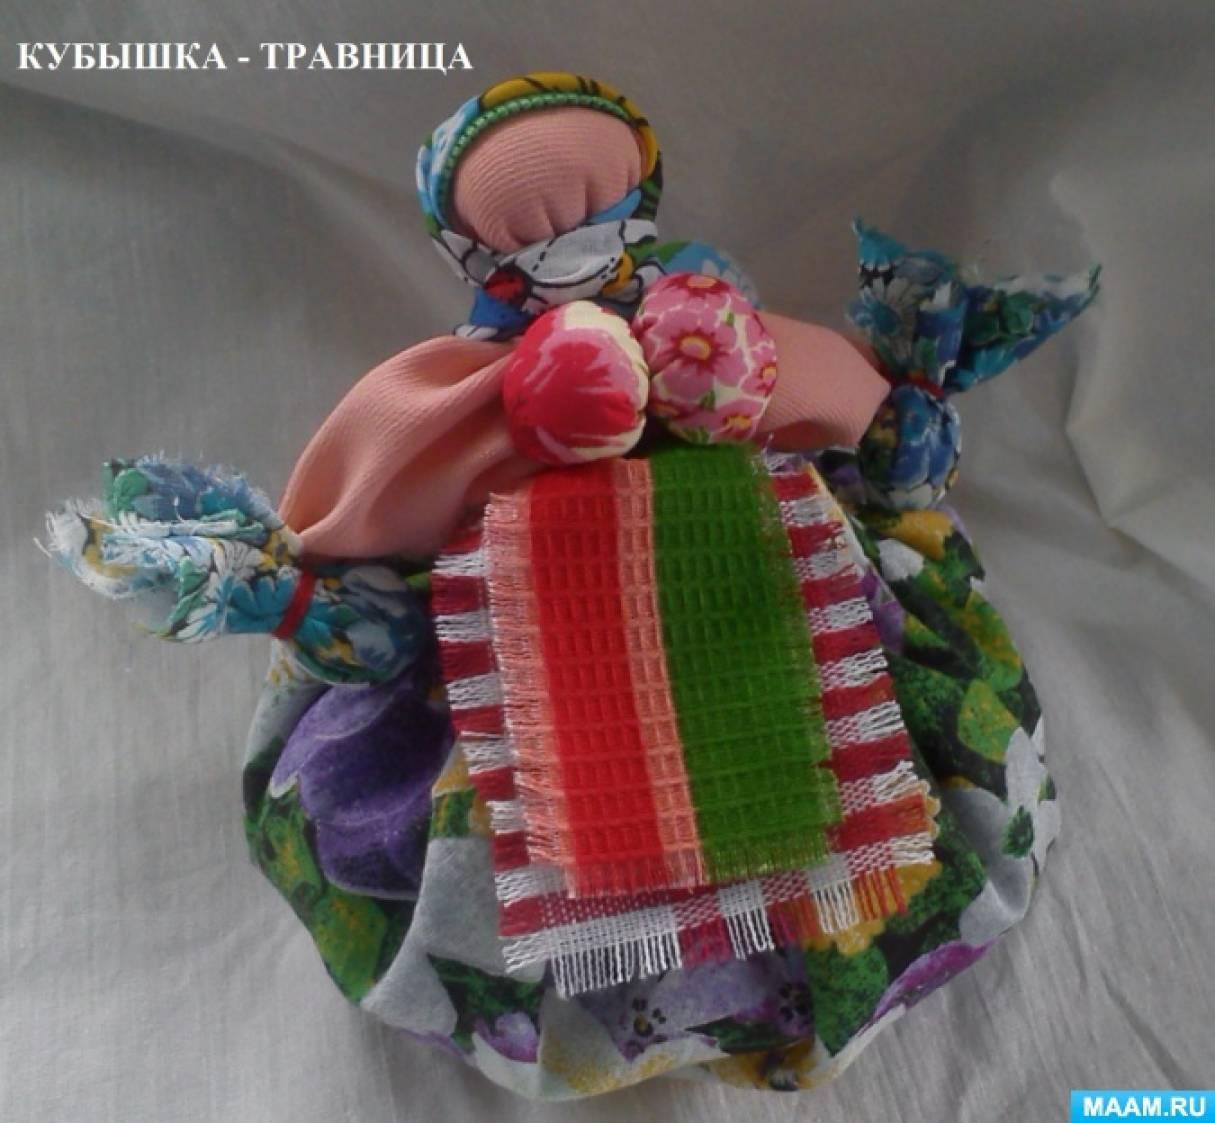 Кукла своими руками мастер класс русская тряпичная кукла